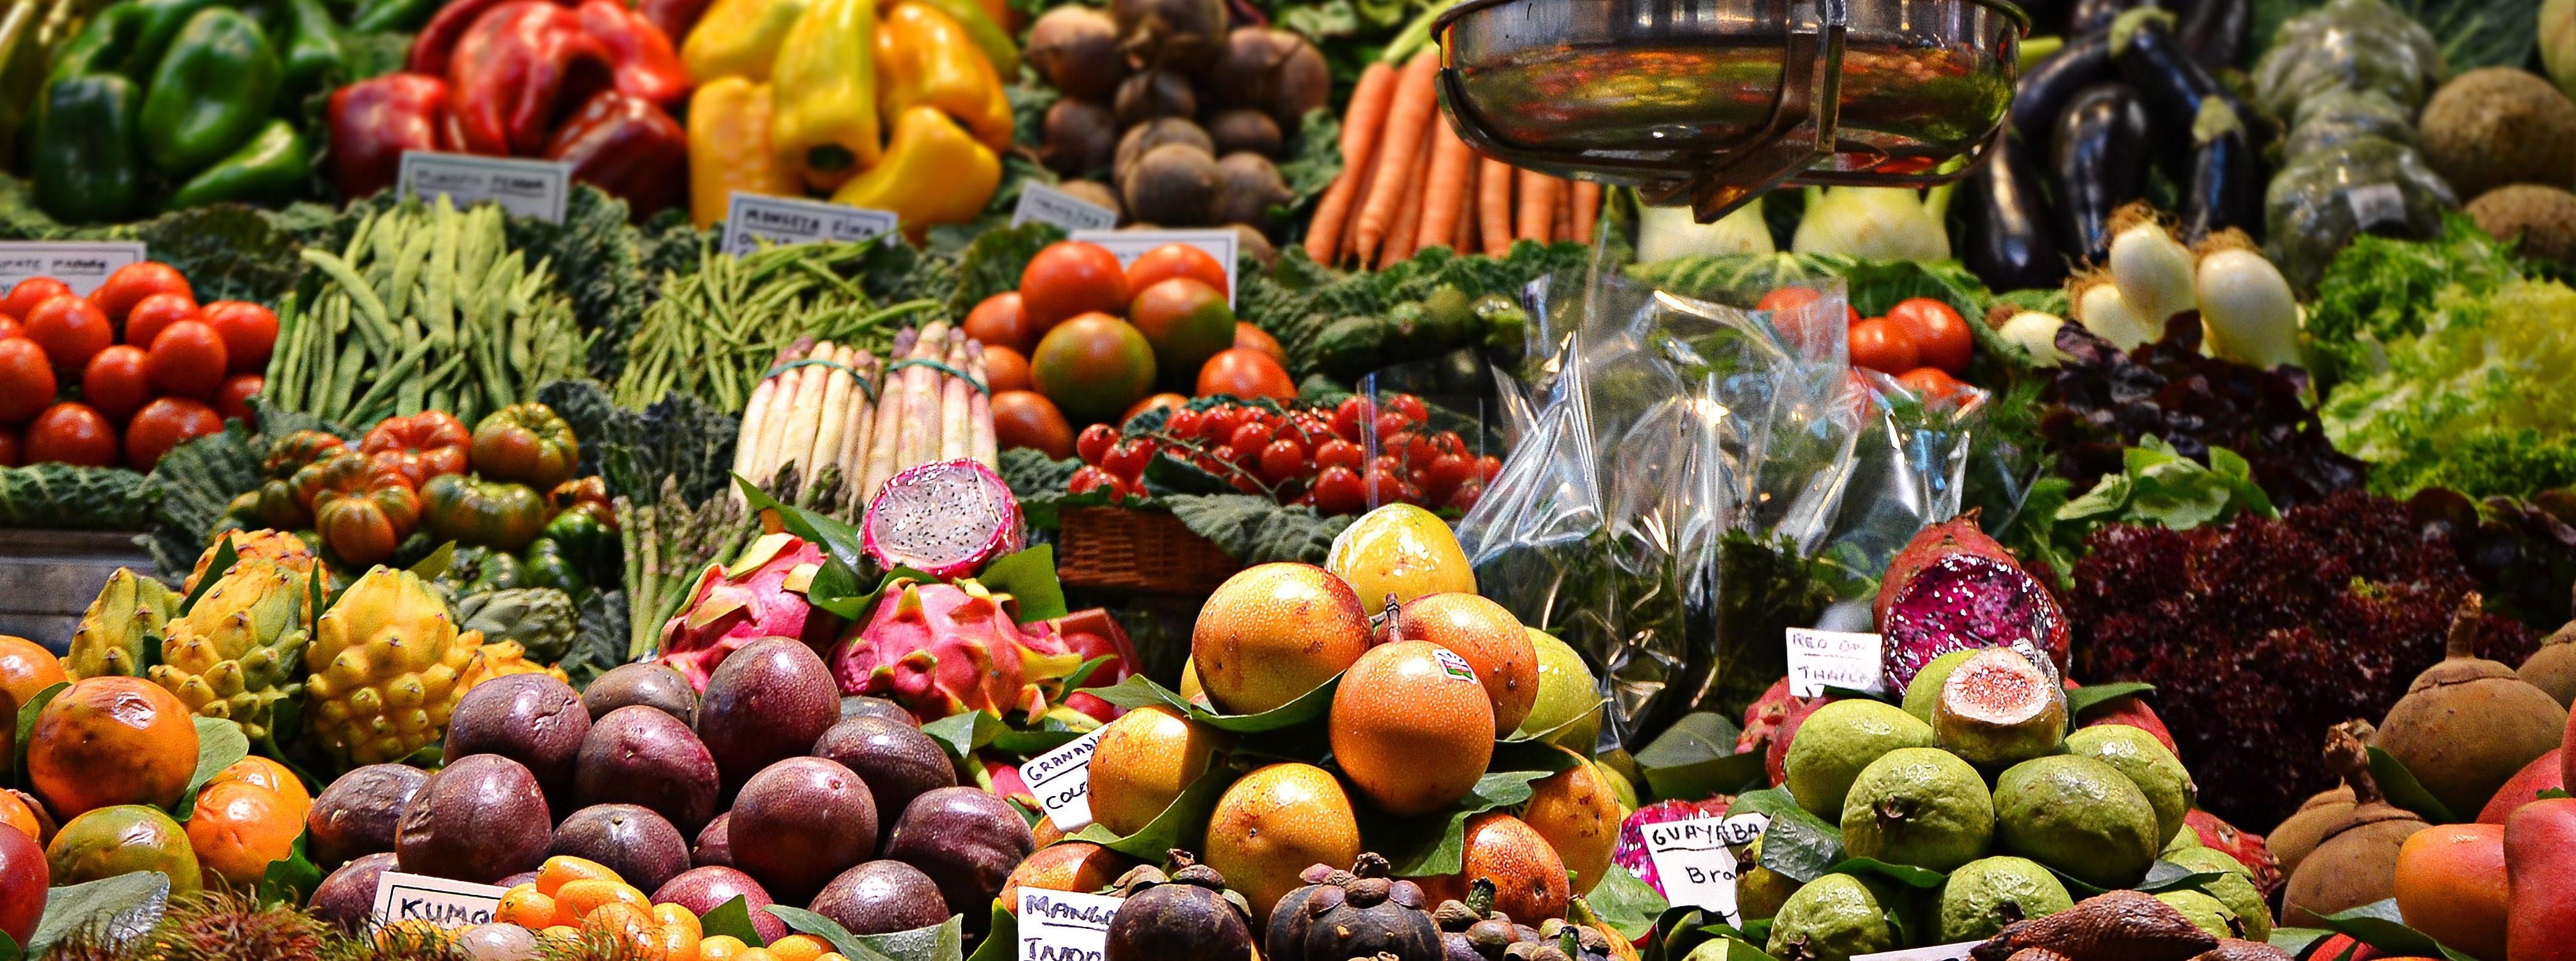 Dlaczego warto jeść warzywa i owoce sezonowe